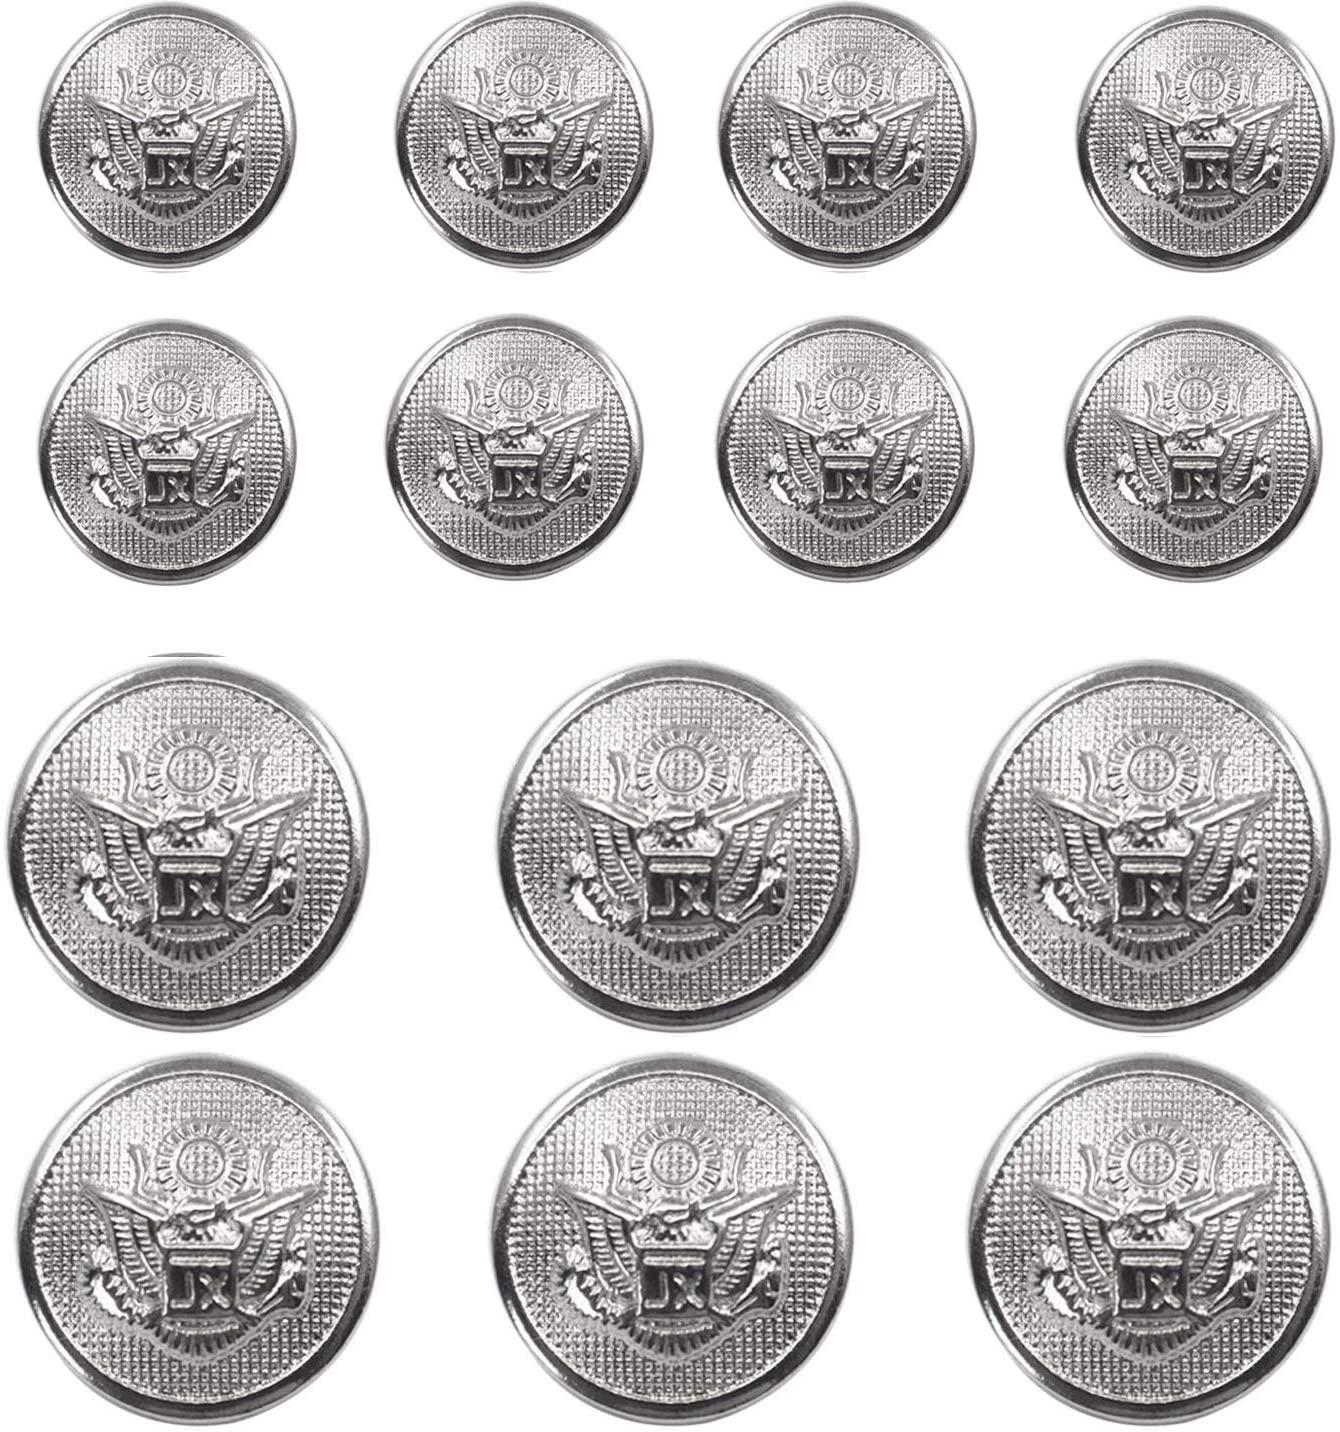 14 Pieces Metal Blazer Button Set - Eagle Badge - for Blazer, Suits, Sport Coat, Uniform, Jacket (Silver) 15mm 20mm